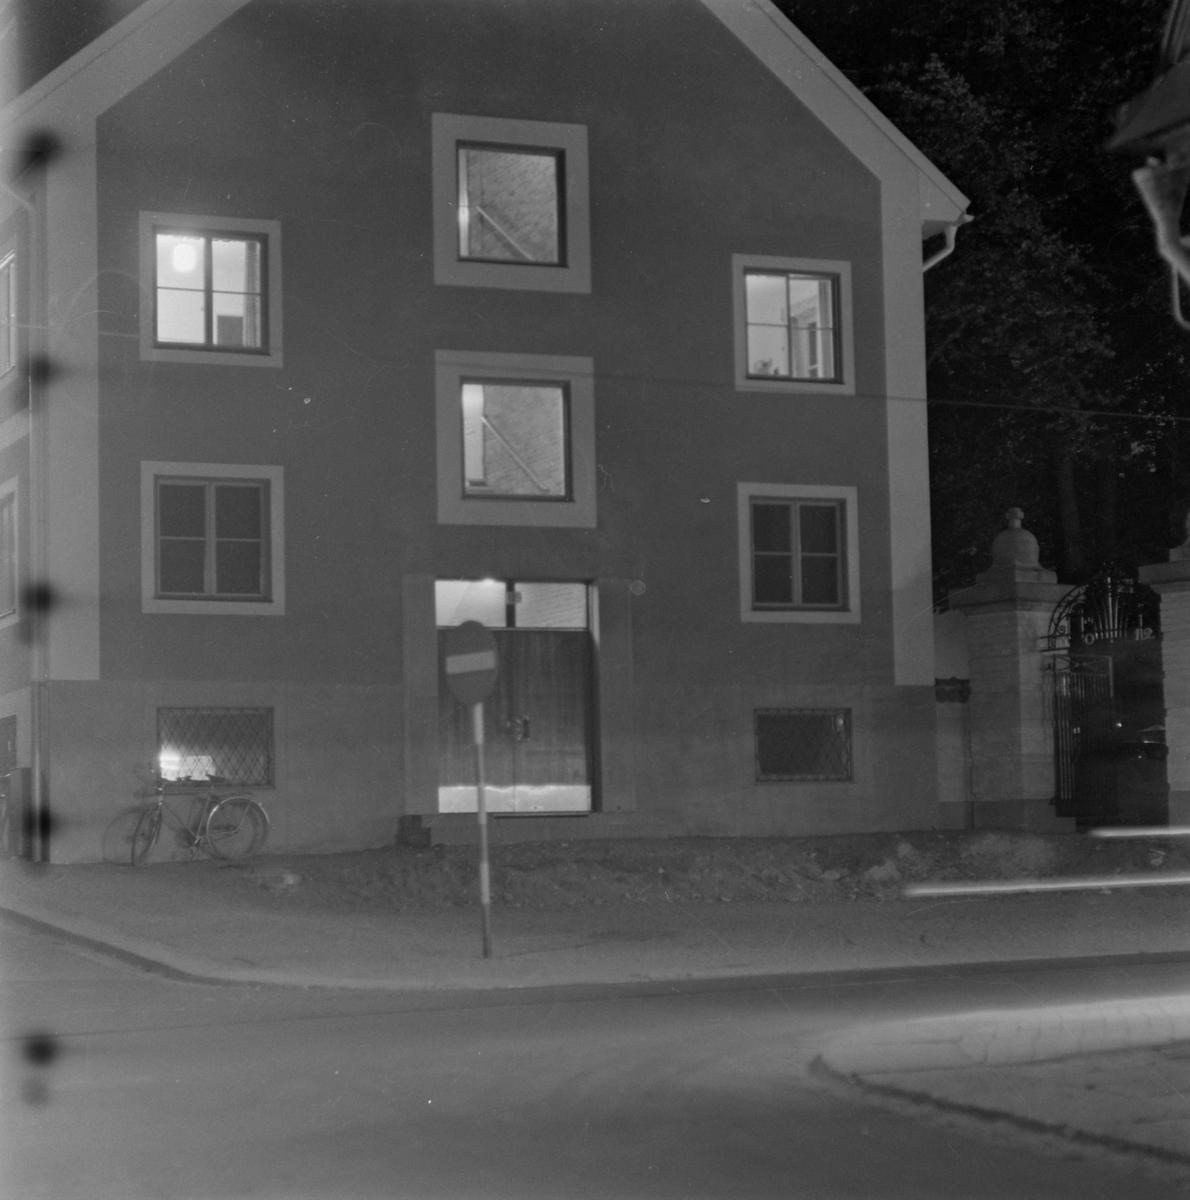 Bostadshus tillhörande Upplands studentnation, S:t Johannesgatan - Sysslomansgatan, kvarteret Luten, Fjärdingen, Uppsala